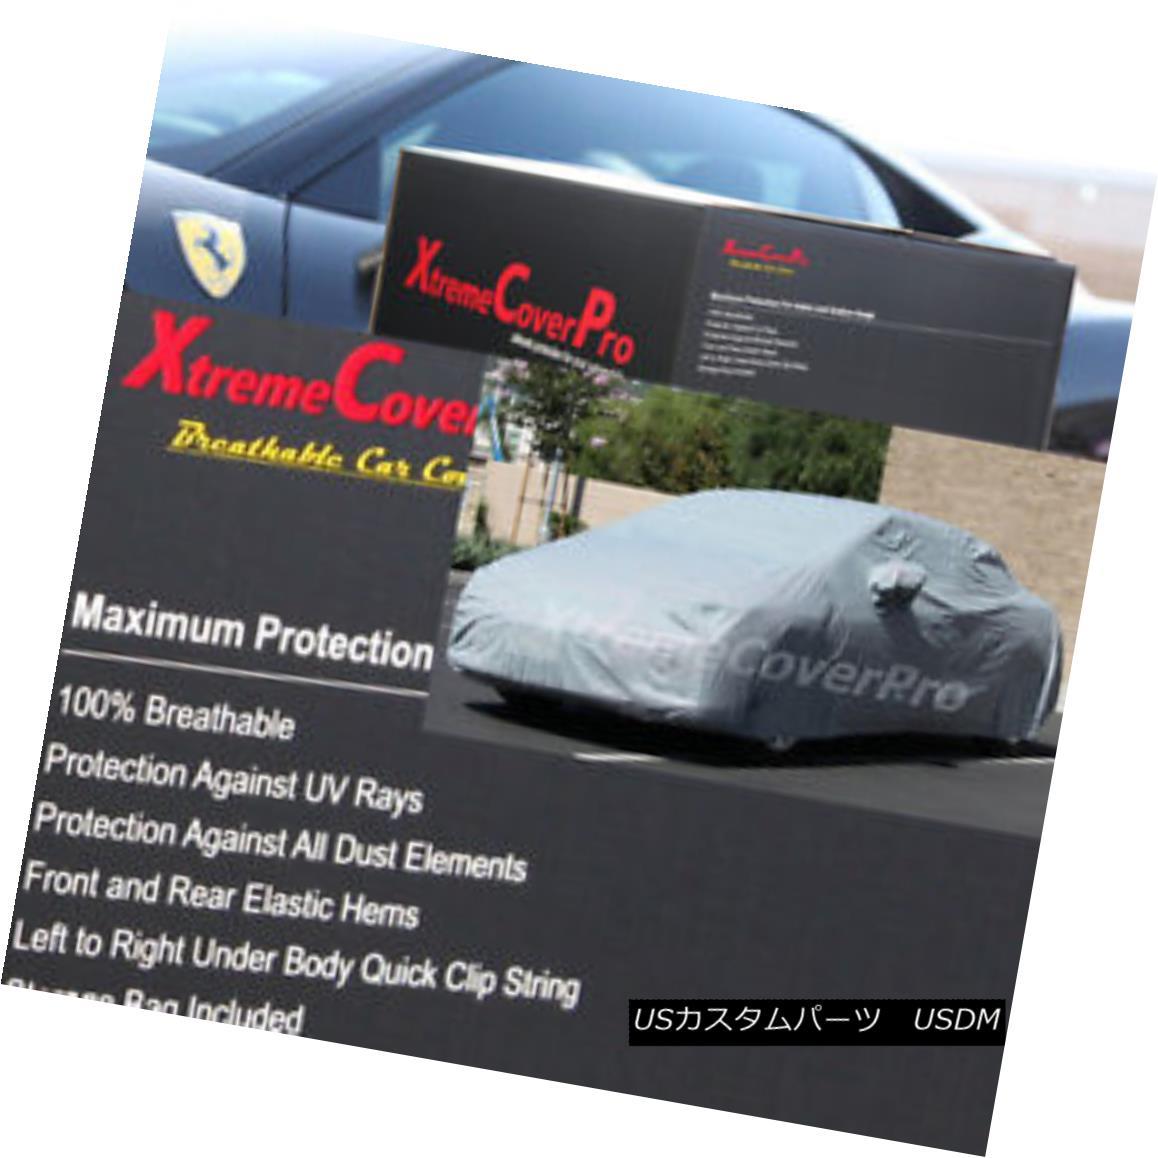 カーカバー 1992 1993 1994 1995 Honda Civic Sedan Breathable Car Cover w/MirrorPocket 1992 1993 1994 1994ホンダシビックセダン通気性車カバー付き(MirrorPocket)